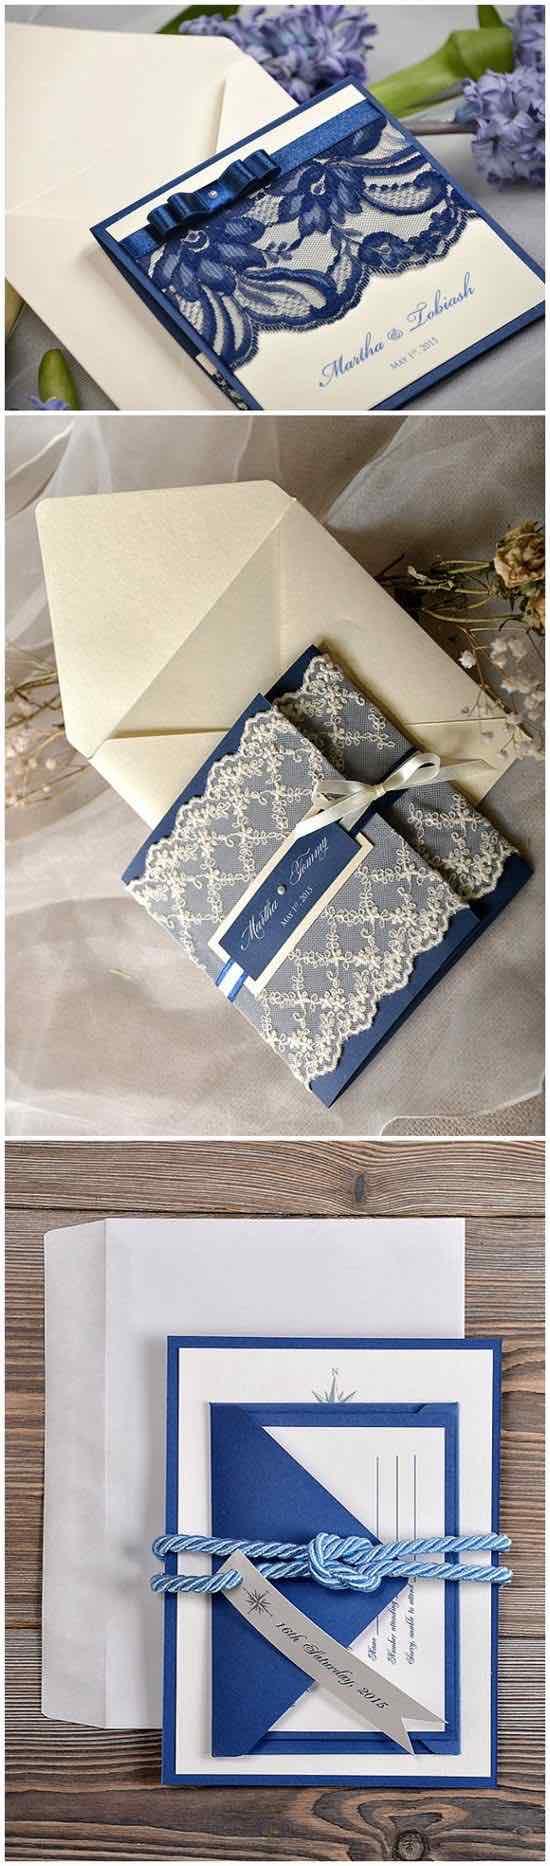 Una boda azul también puede tener invitaciones rústicas con estilo vintage ¿Que opinas?